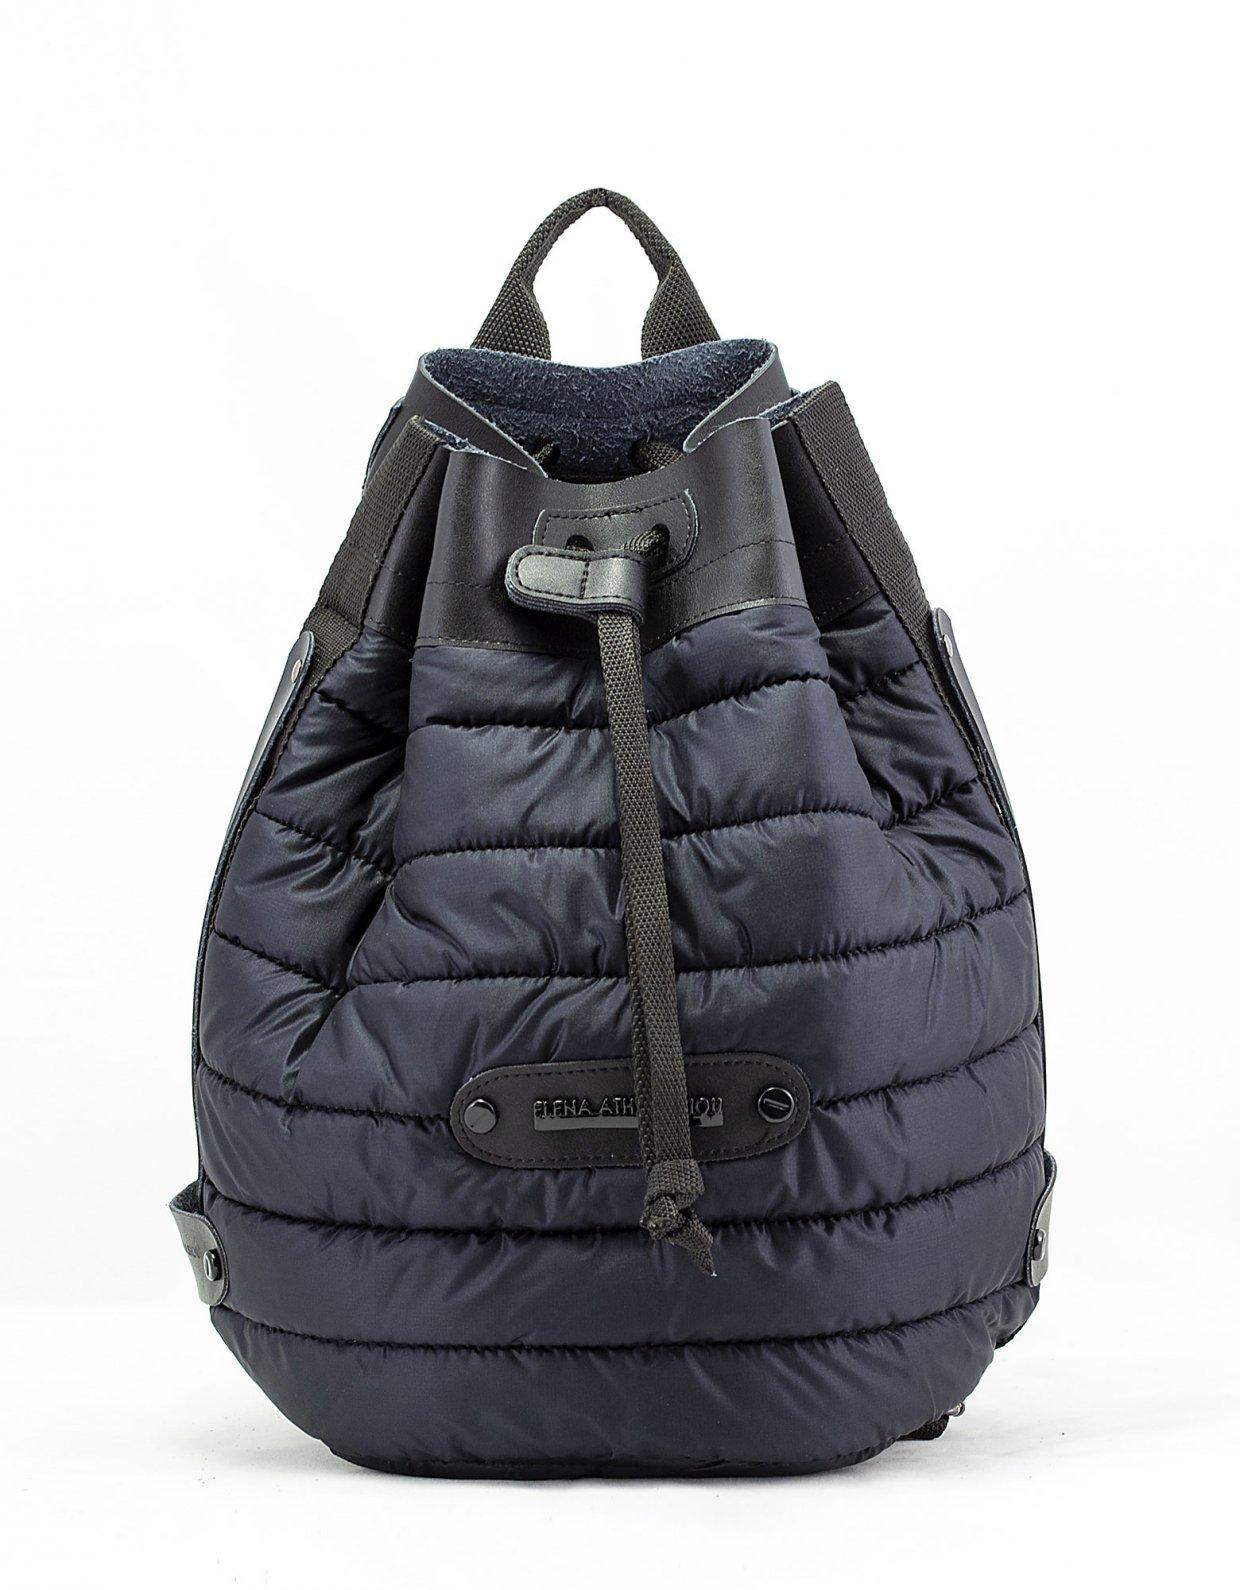 Elena Athanasiou Puffer backpack black